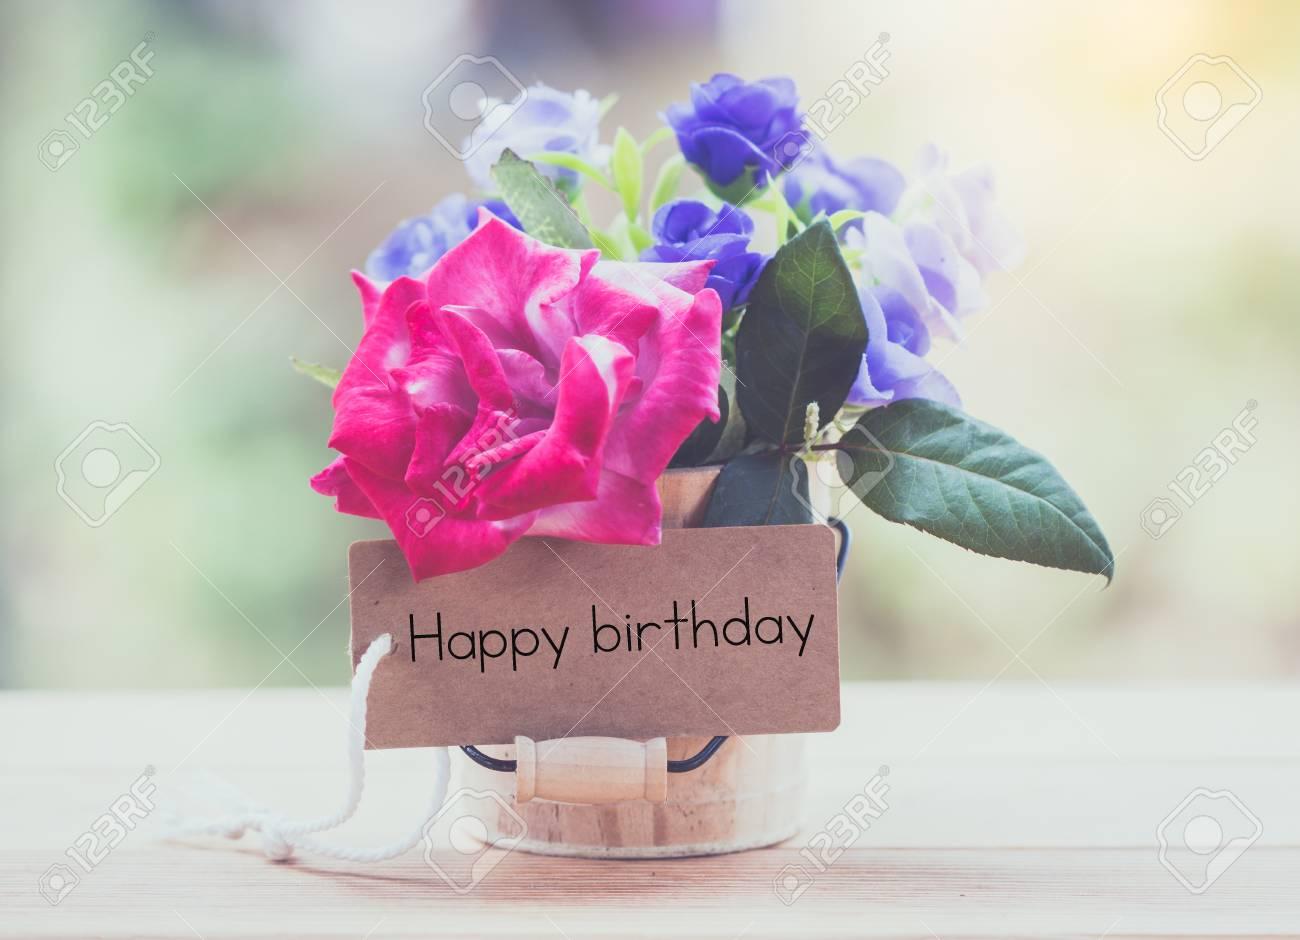 Schreiben Ganz Glucklich Geburtstag Auf Karte Mit Rose Auf Dem Tisch